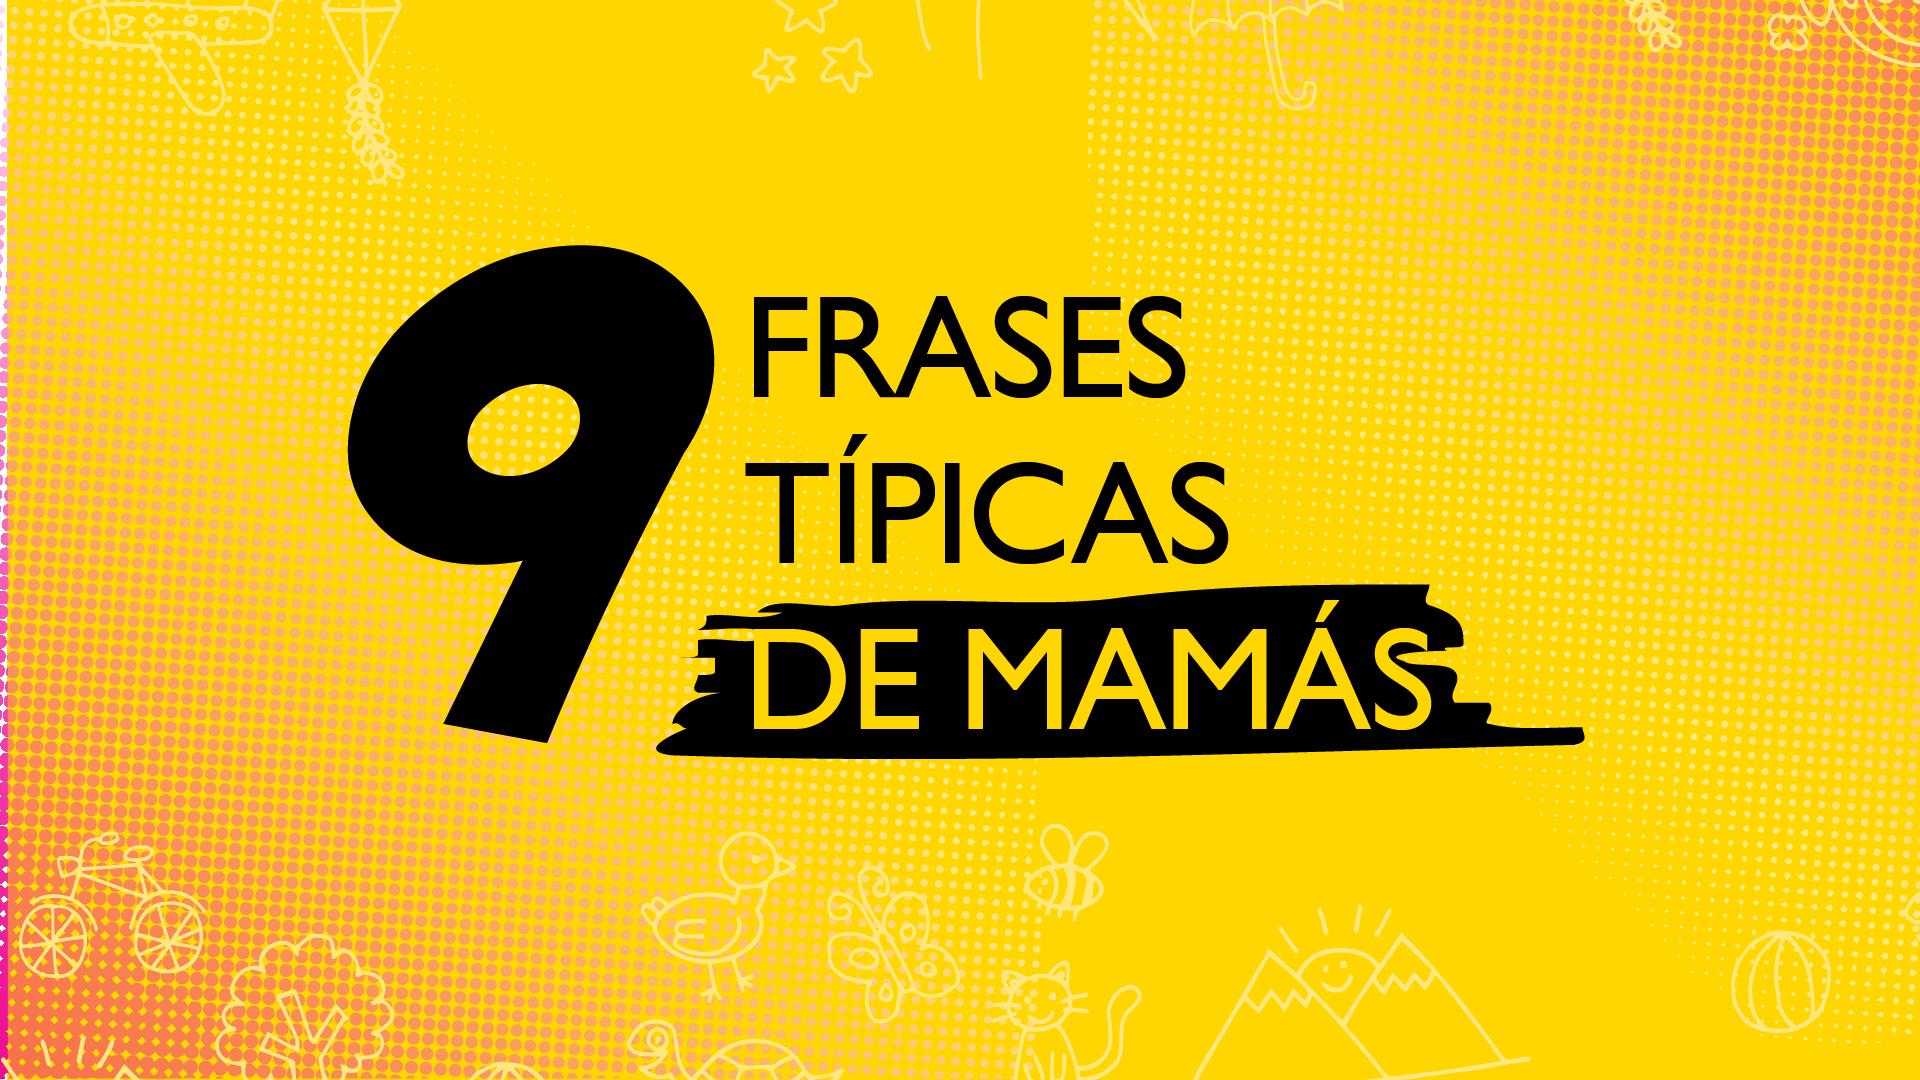 9 frases típicas de las mamás que quizás te harán recordar a la tuya